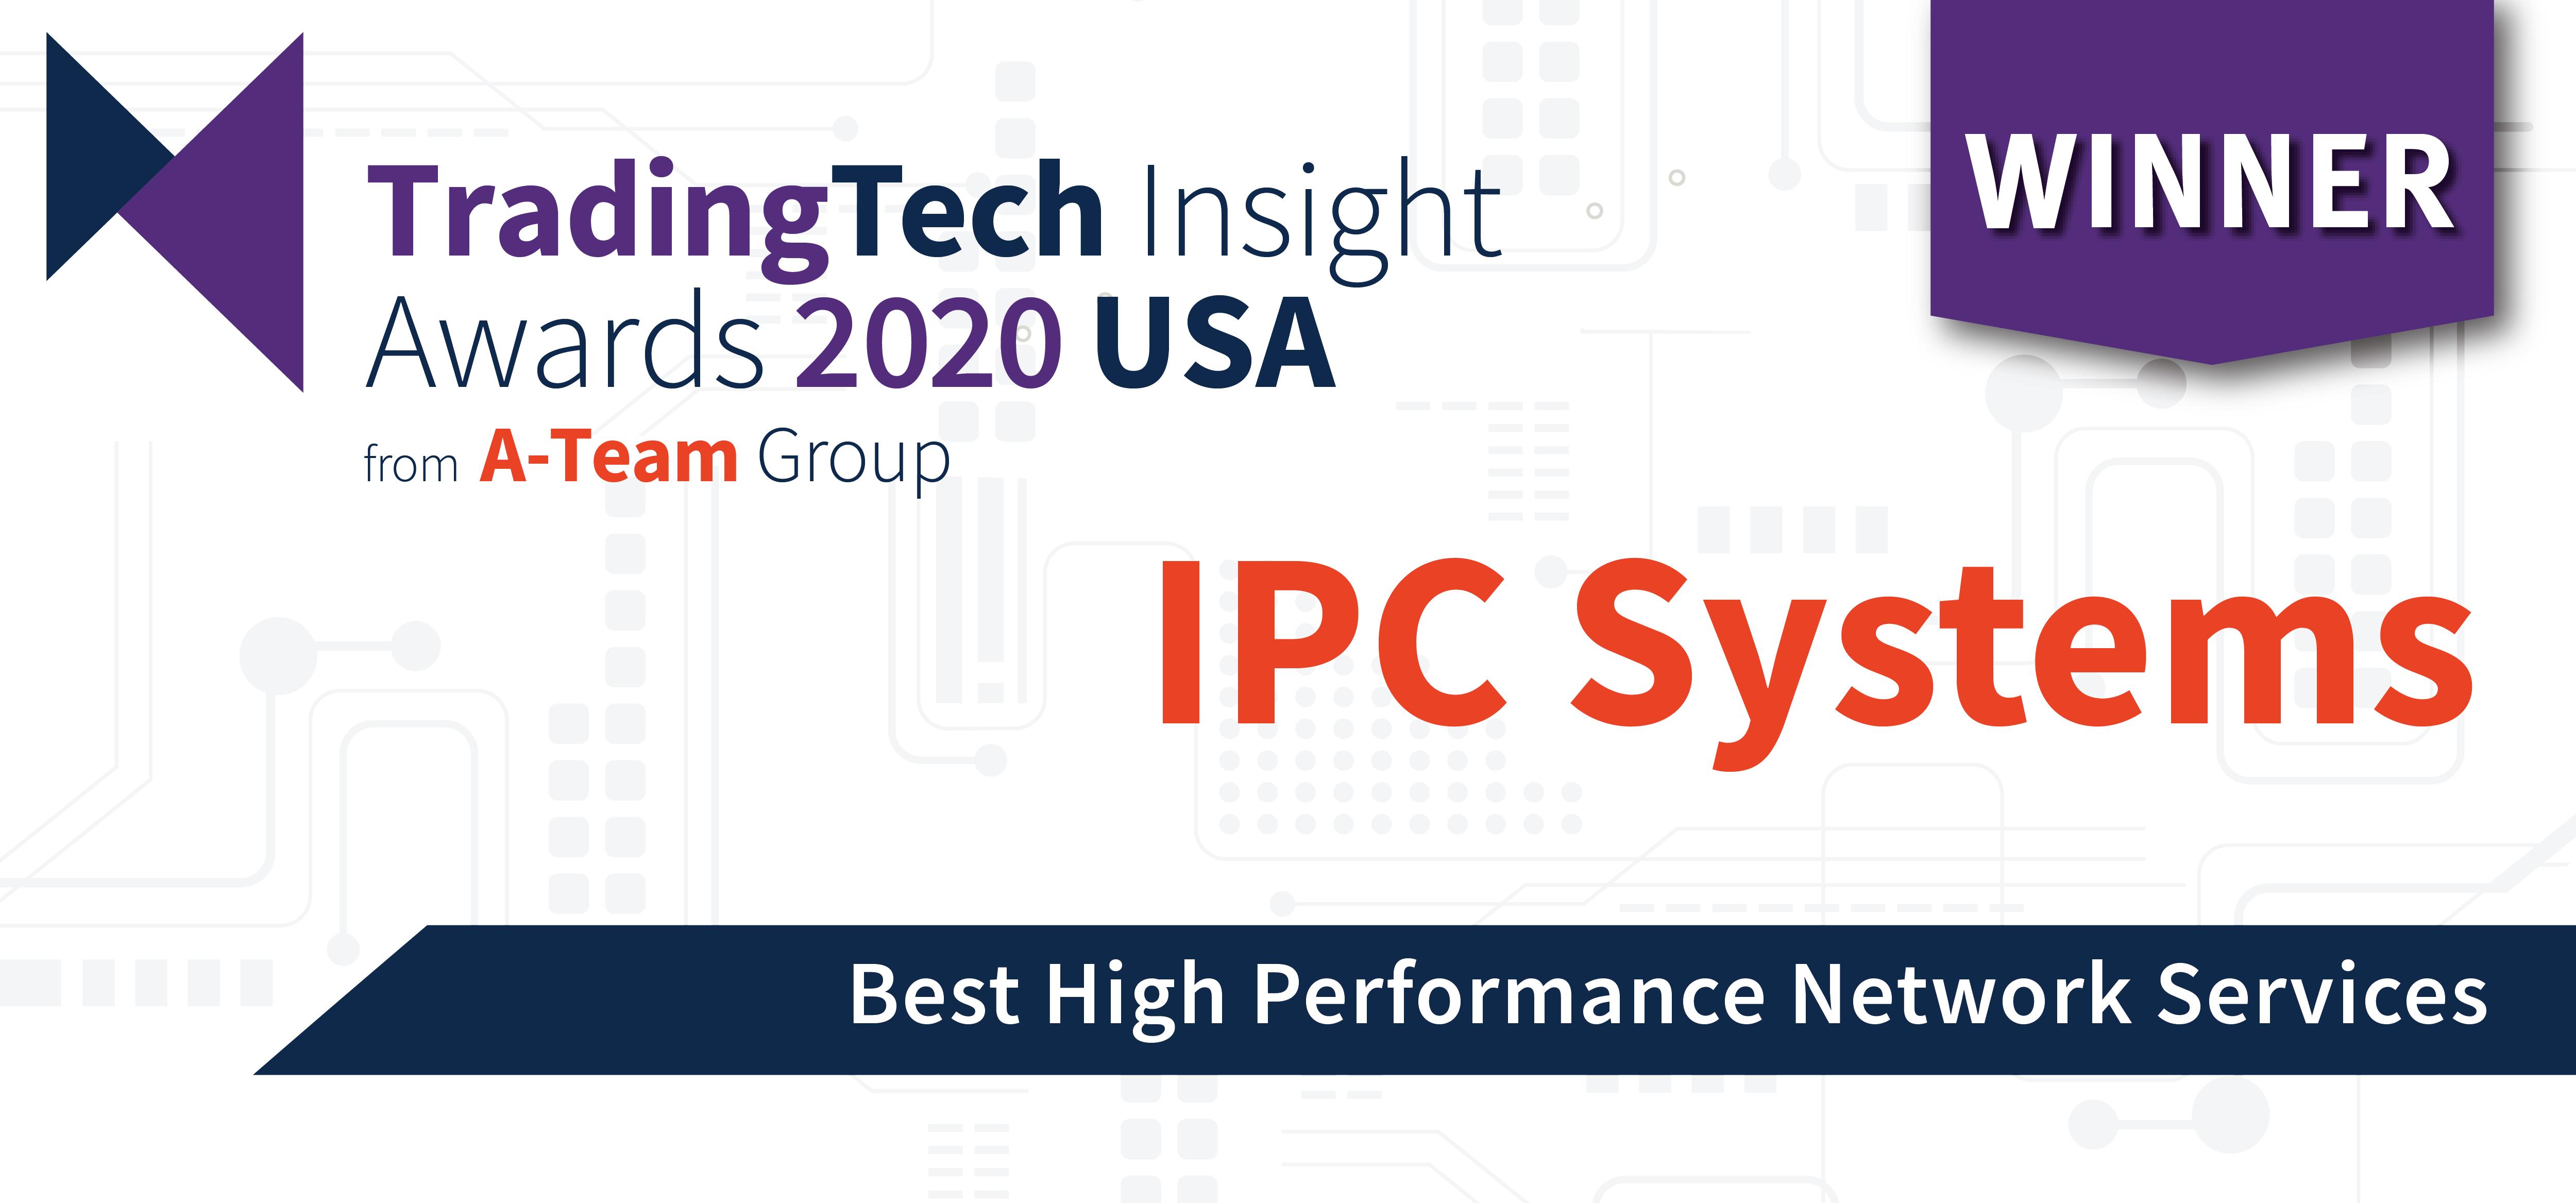 'Best High Performance Network Services' – TradingTech Insight Awards 2020